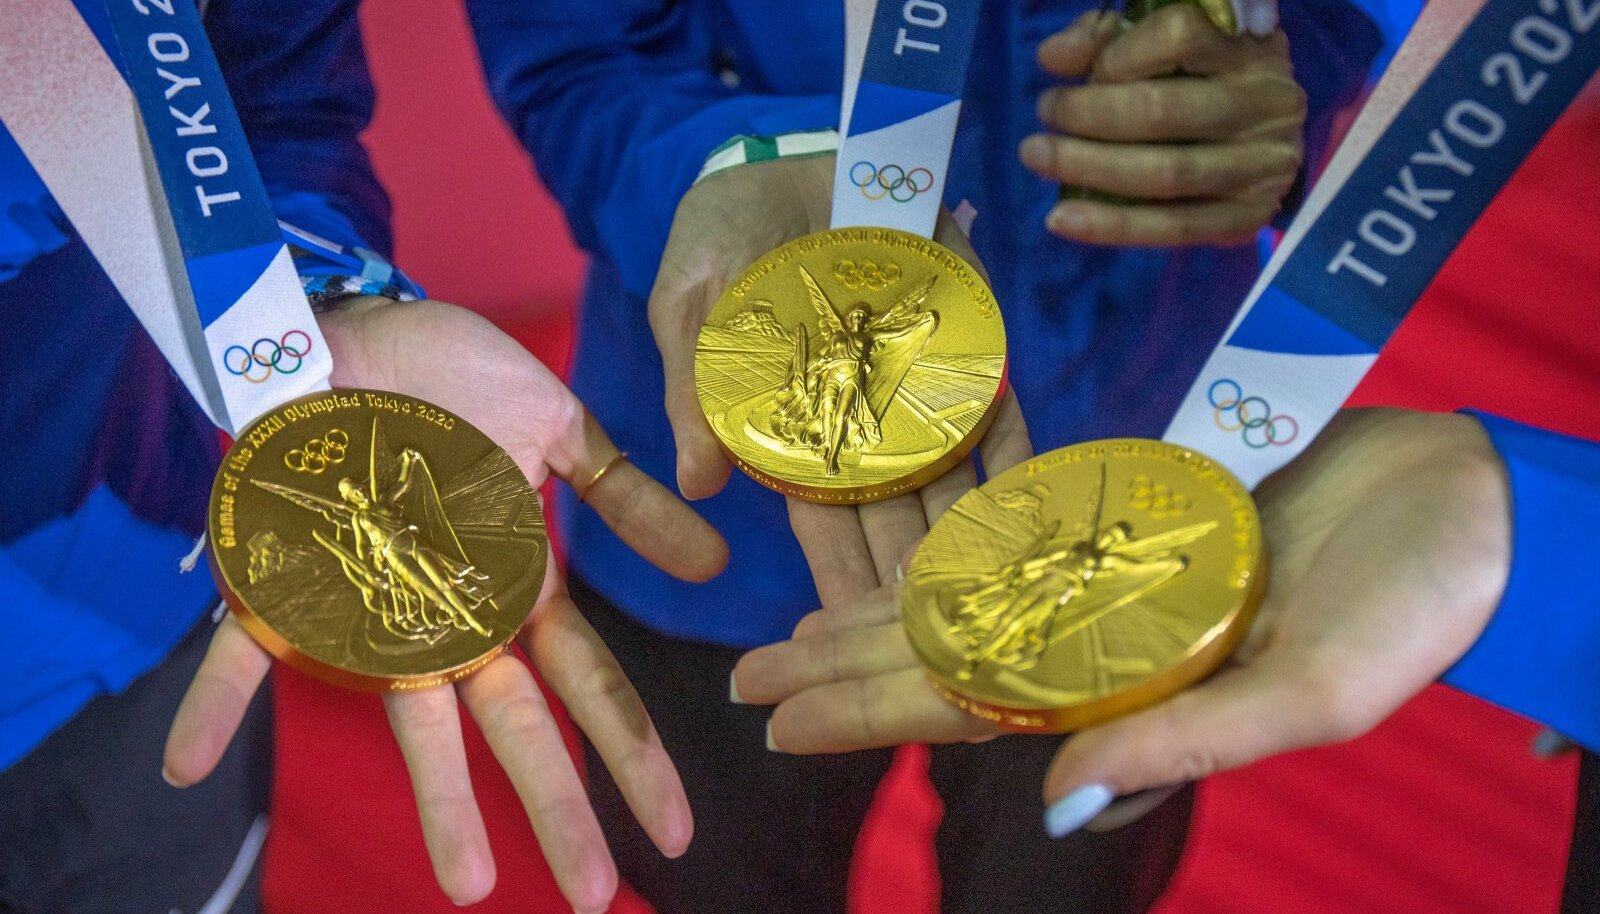 Kui palju maksavad ja kaaluvad kuldmedalid, mille Eesti epeenaised kaela said?